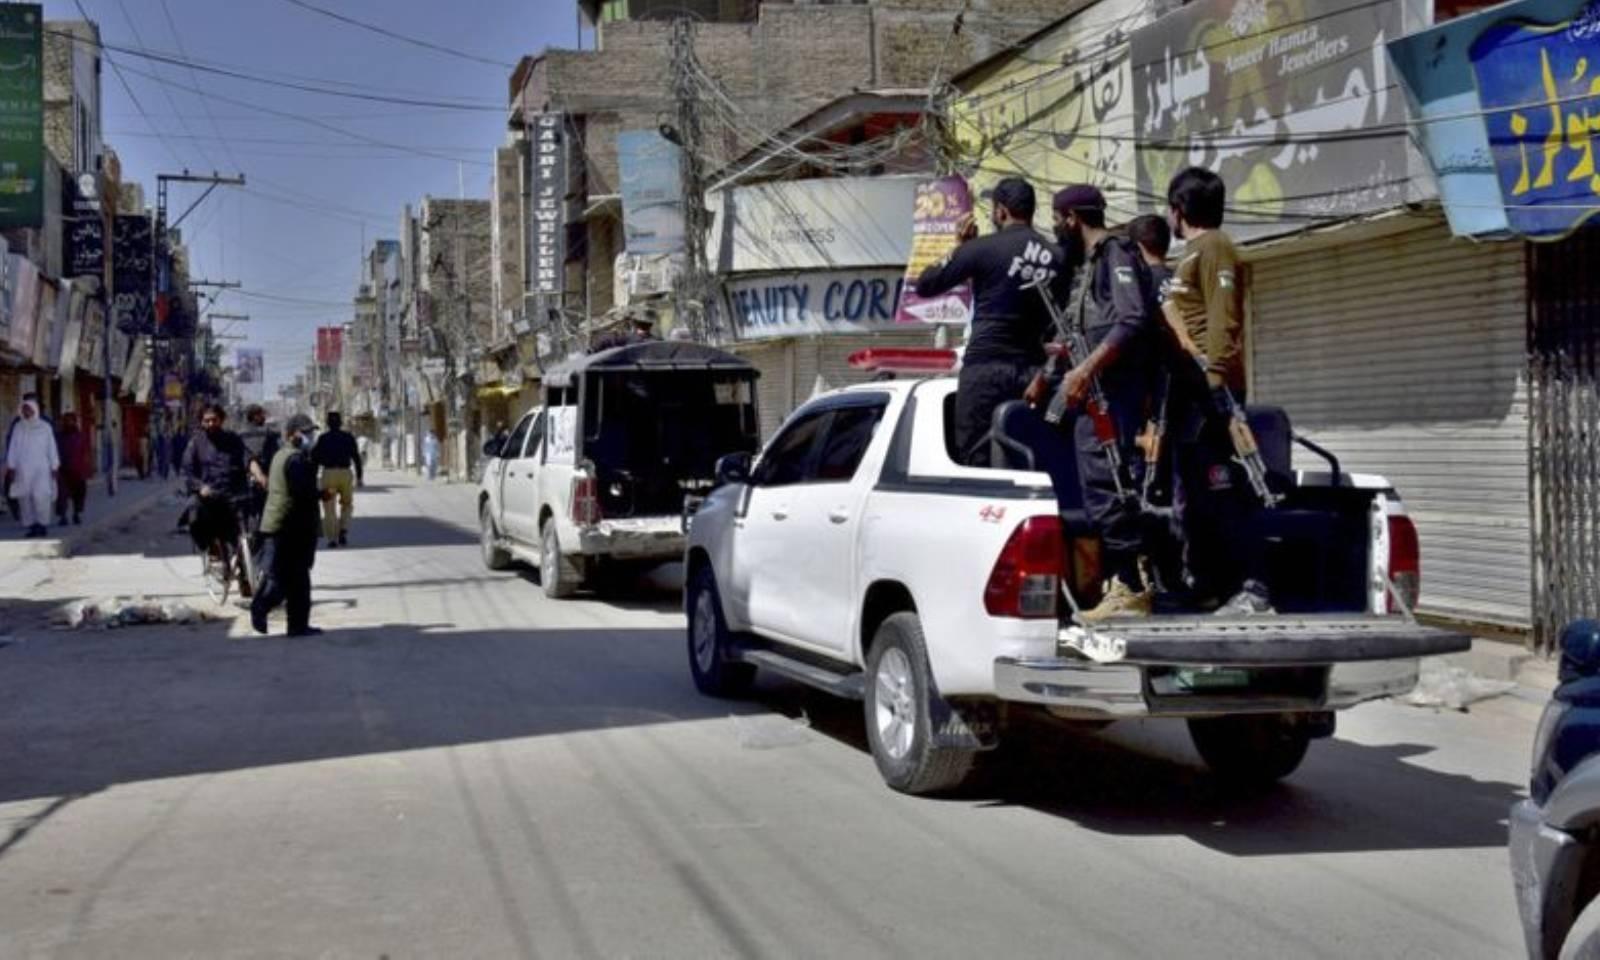 وزارت داخلہ نے ملک بھر میں 10 مئی سے 15 مئی تک عید کی چھٹیوں کا اعلان کیا تھا—فوٹو:اے پی